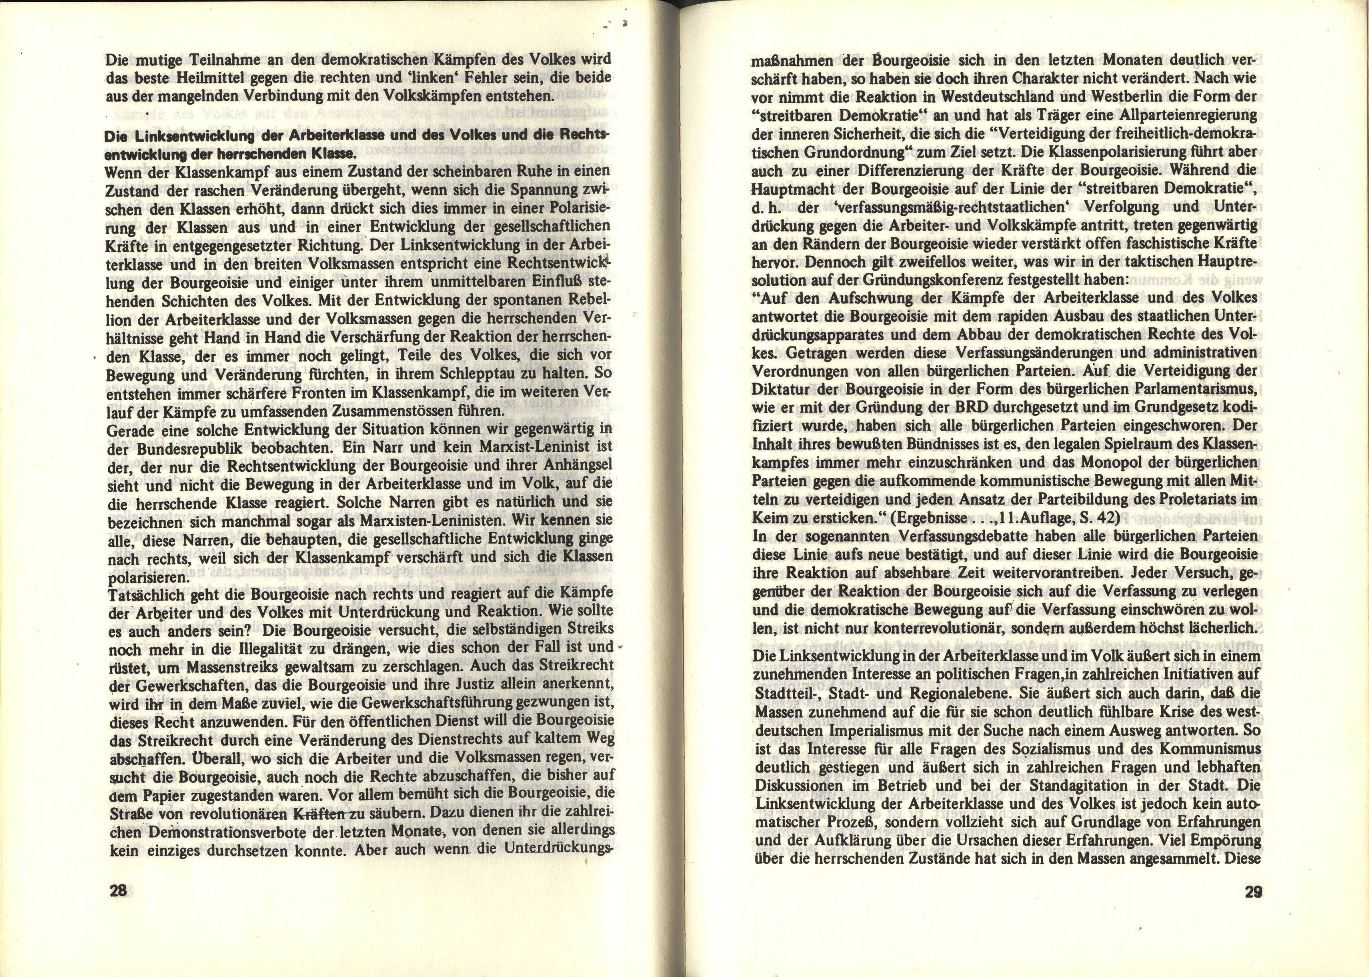 KBW_1974_Politischer_Bericht016